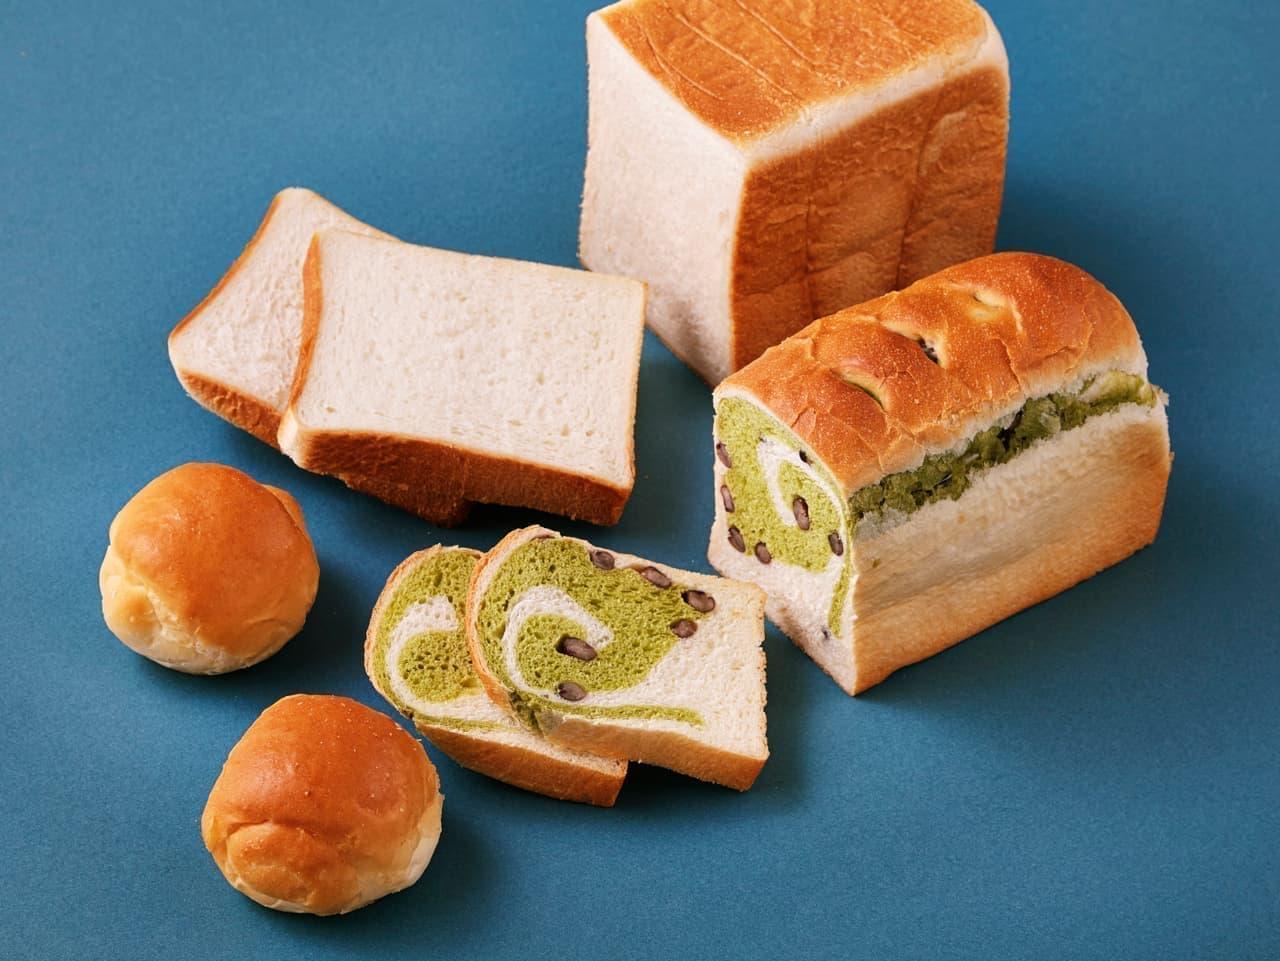 金谷ホテルベーカリー「パン詰合せ」